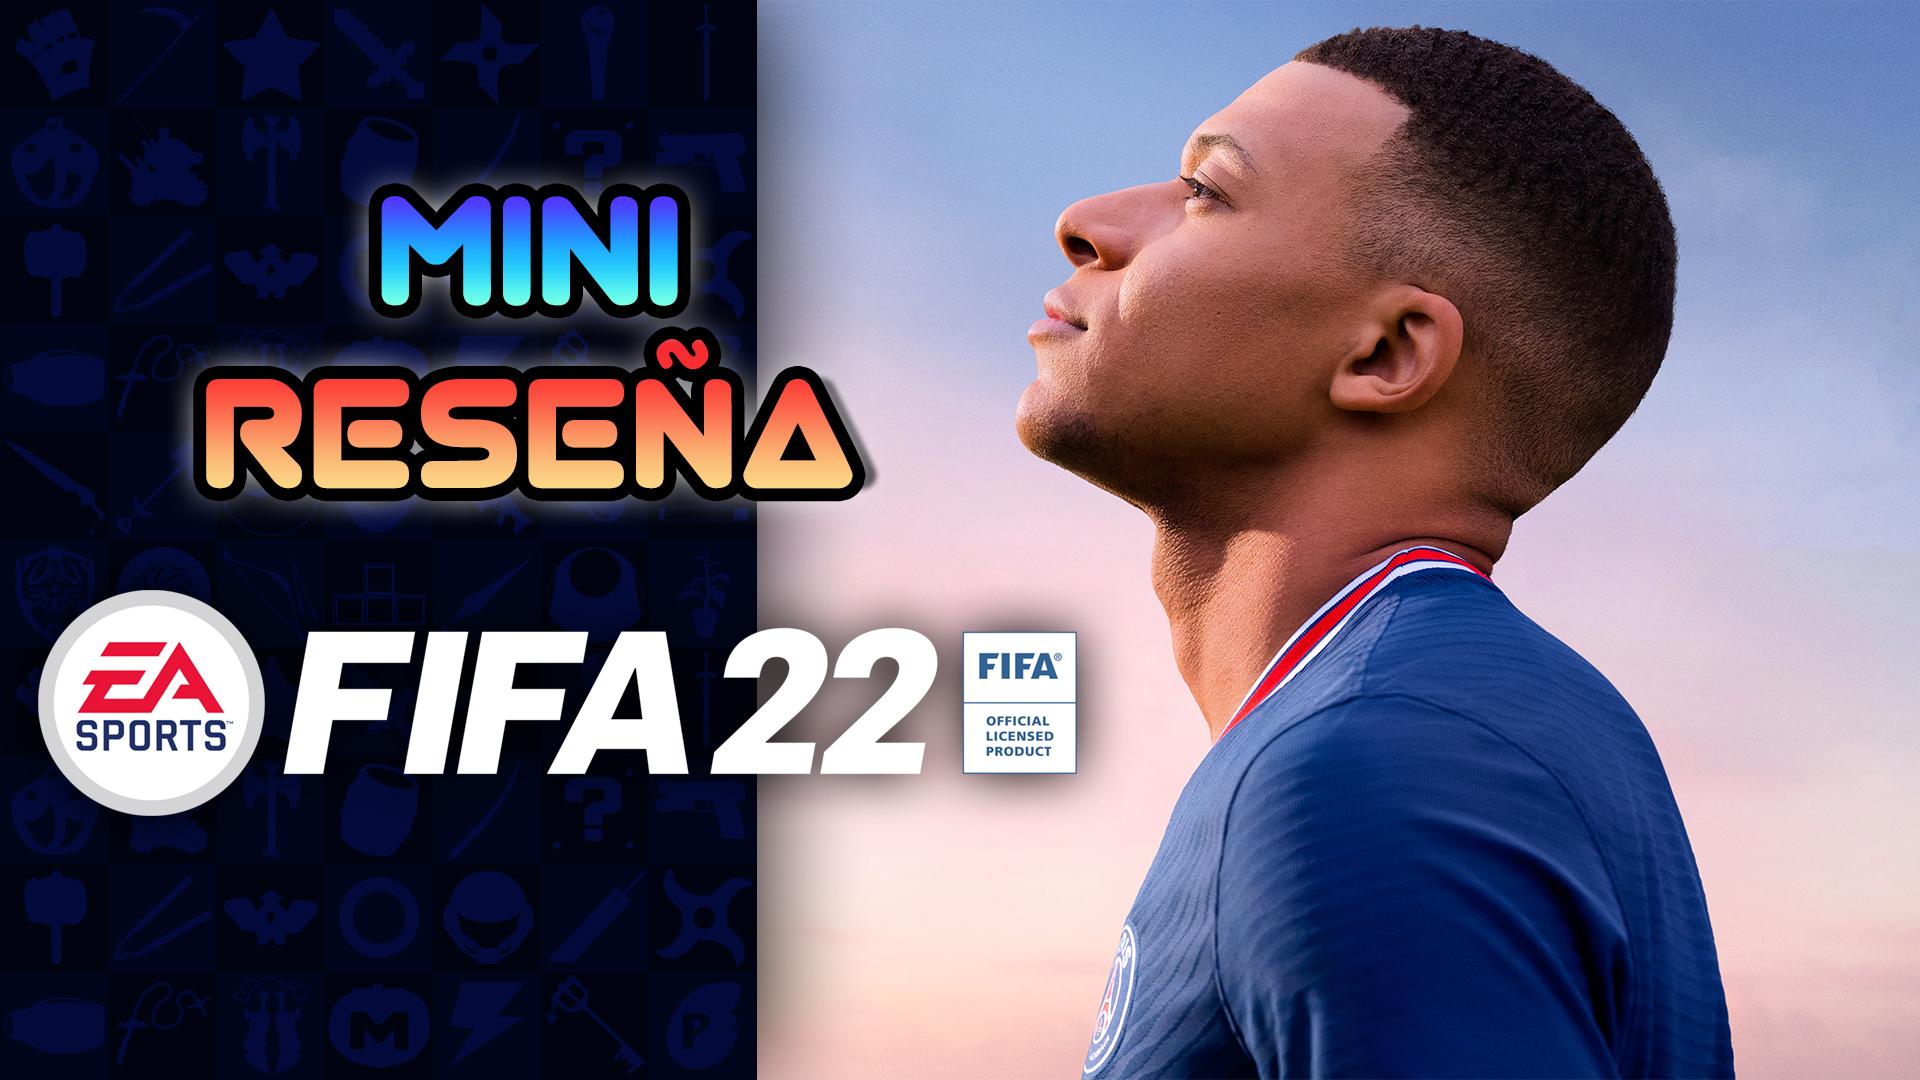 Mini Reseña FIFA 22 – Sin Pena ni Gloria